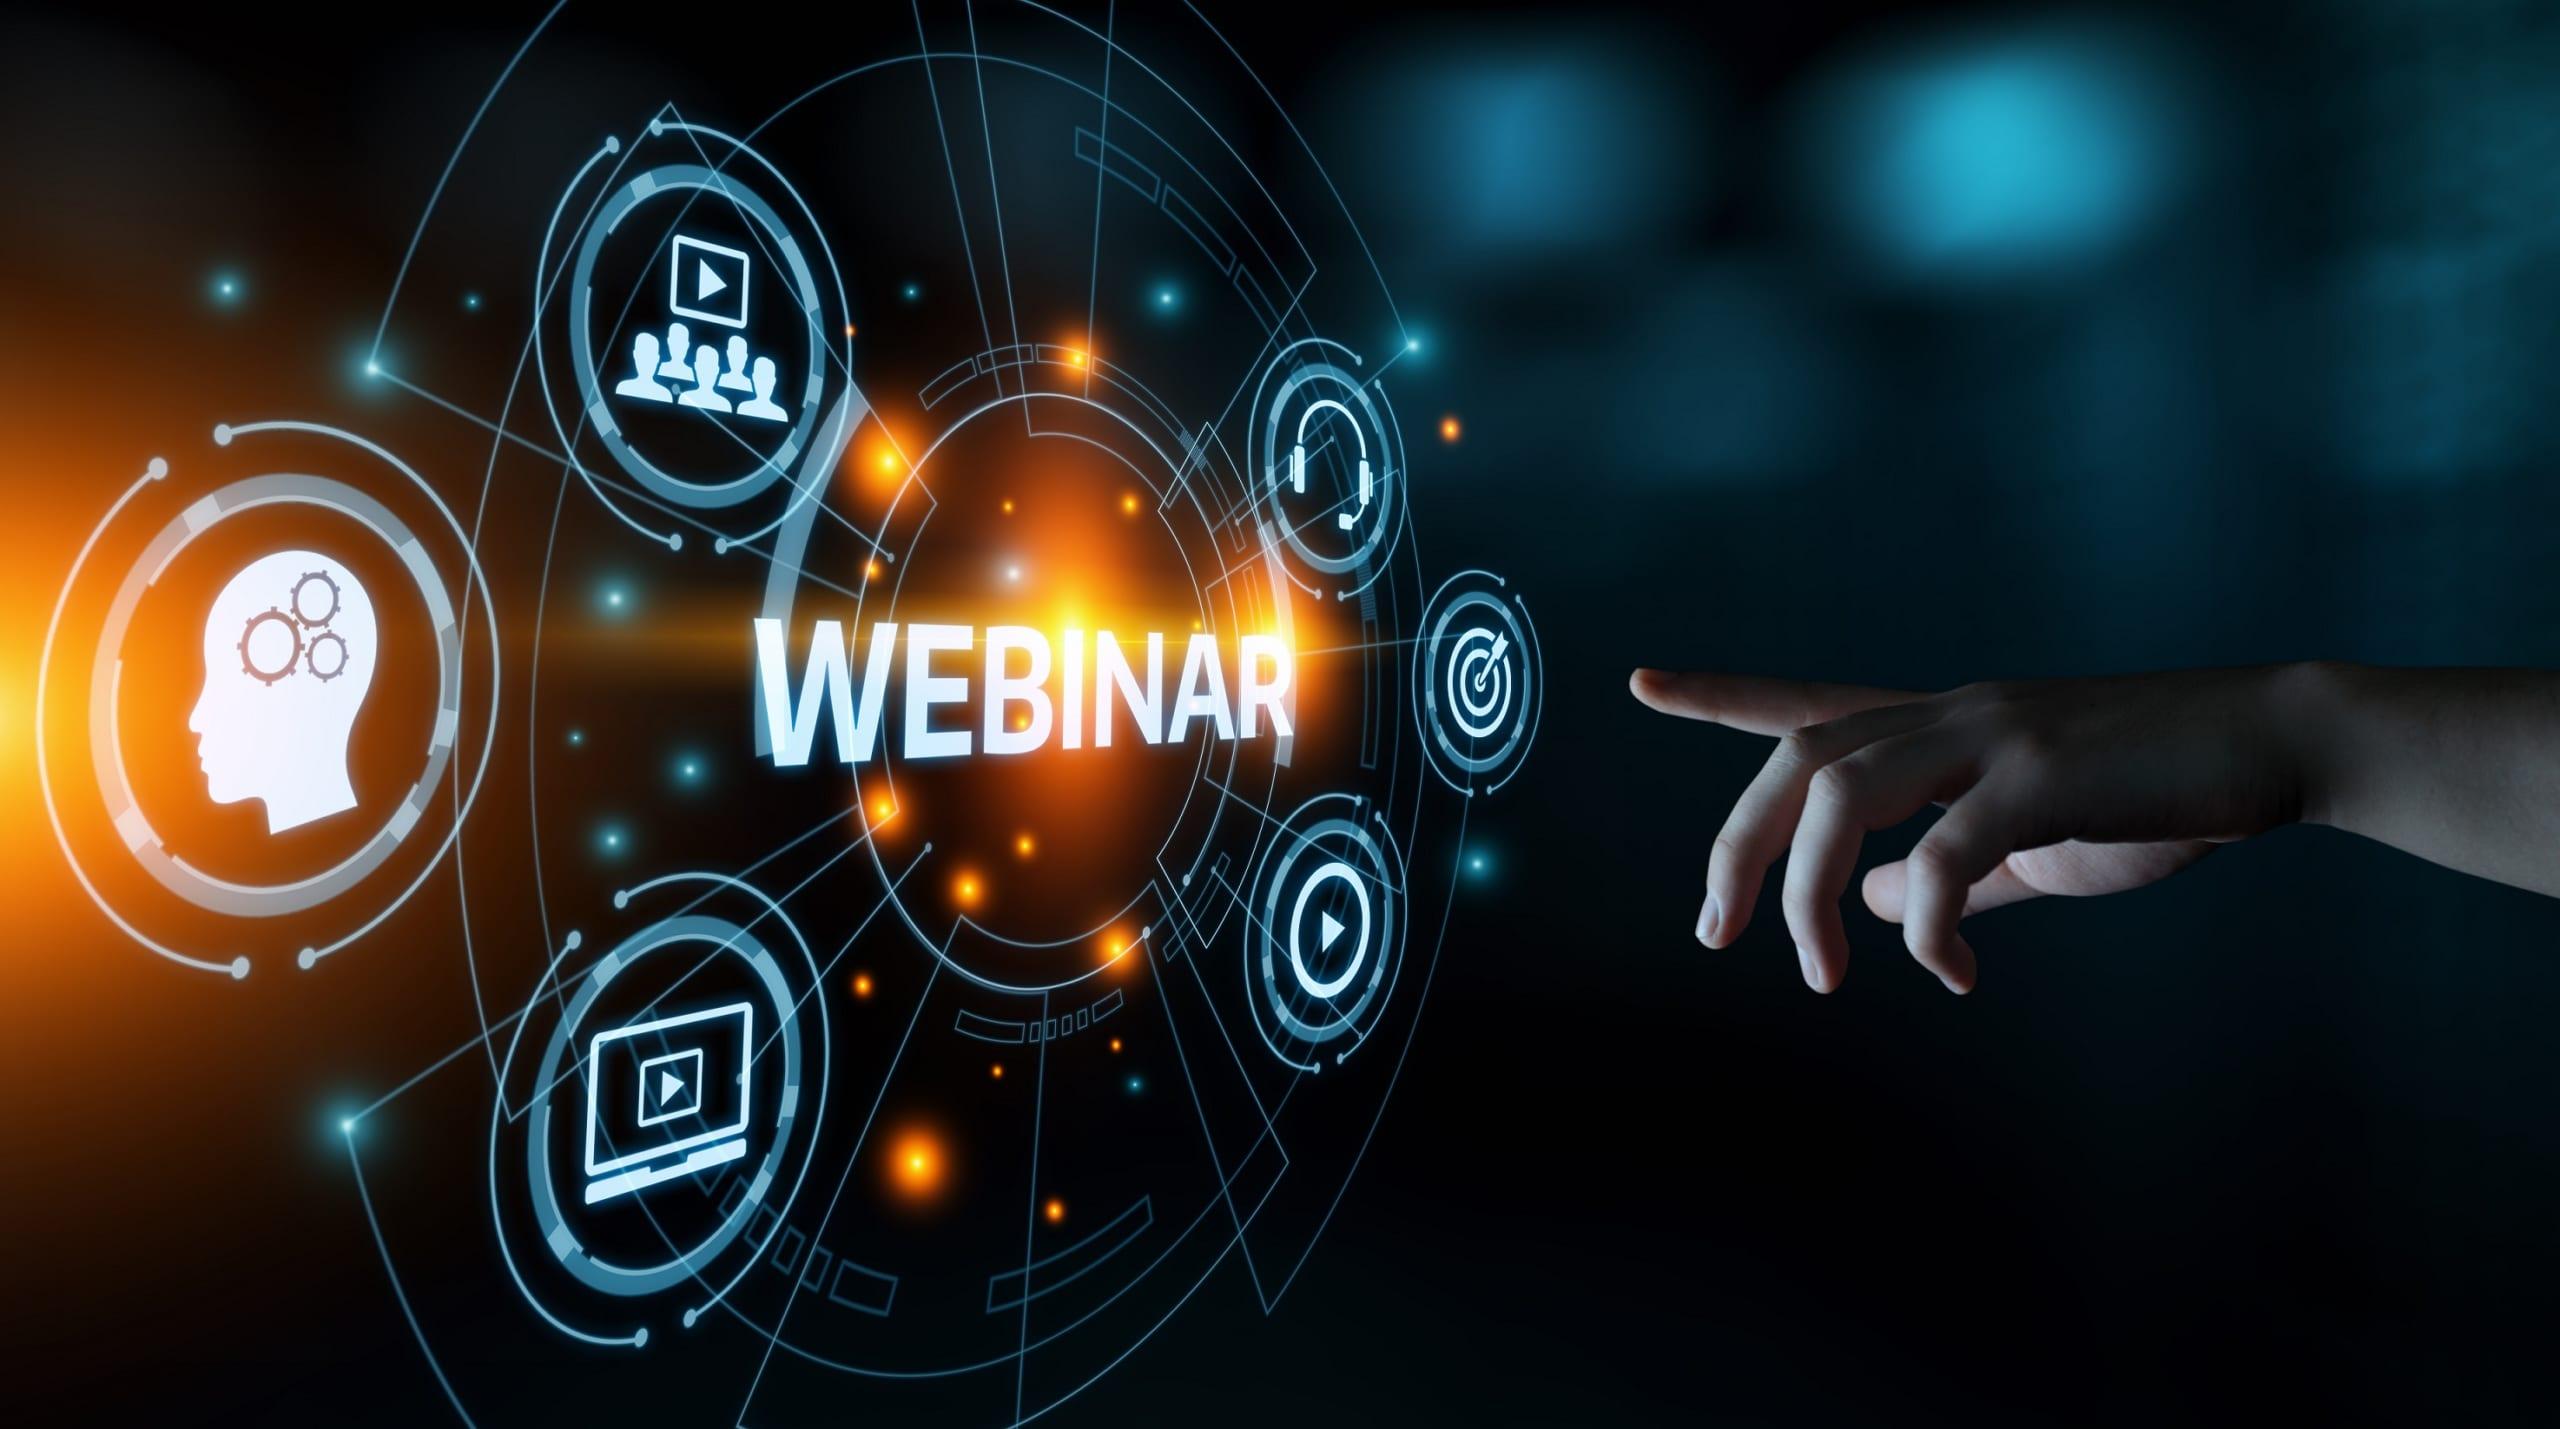 ウェビナーをデジタルマーケティングの戦略的コンテンツへ強化